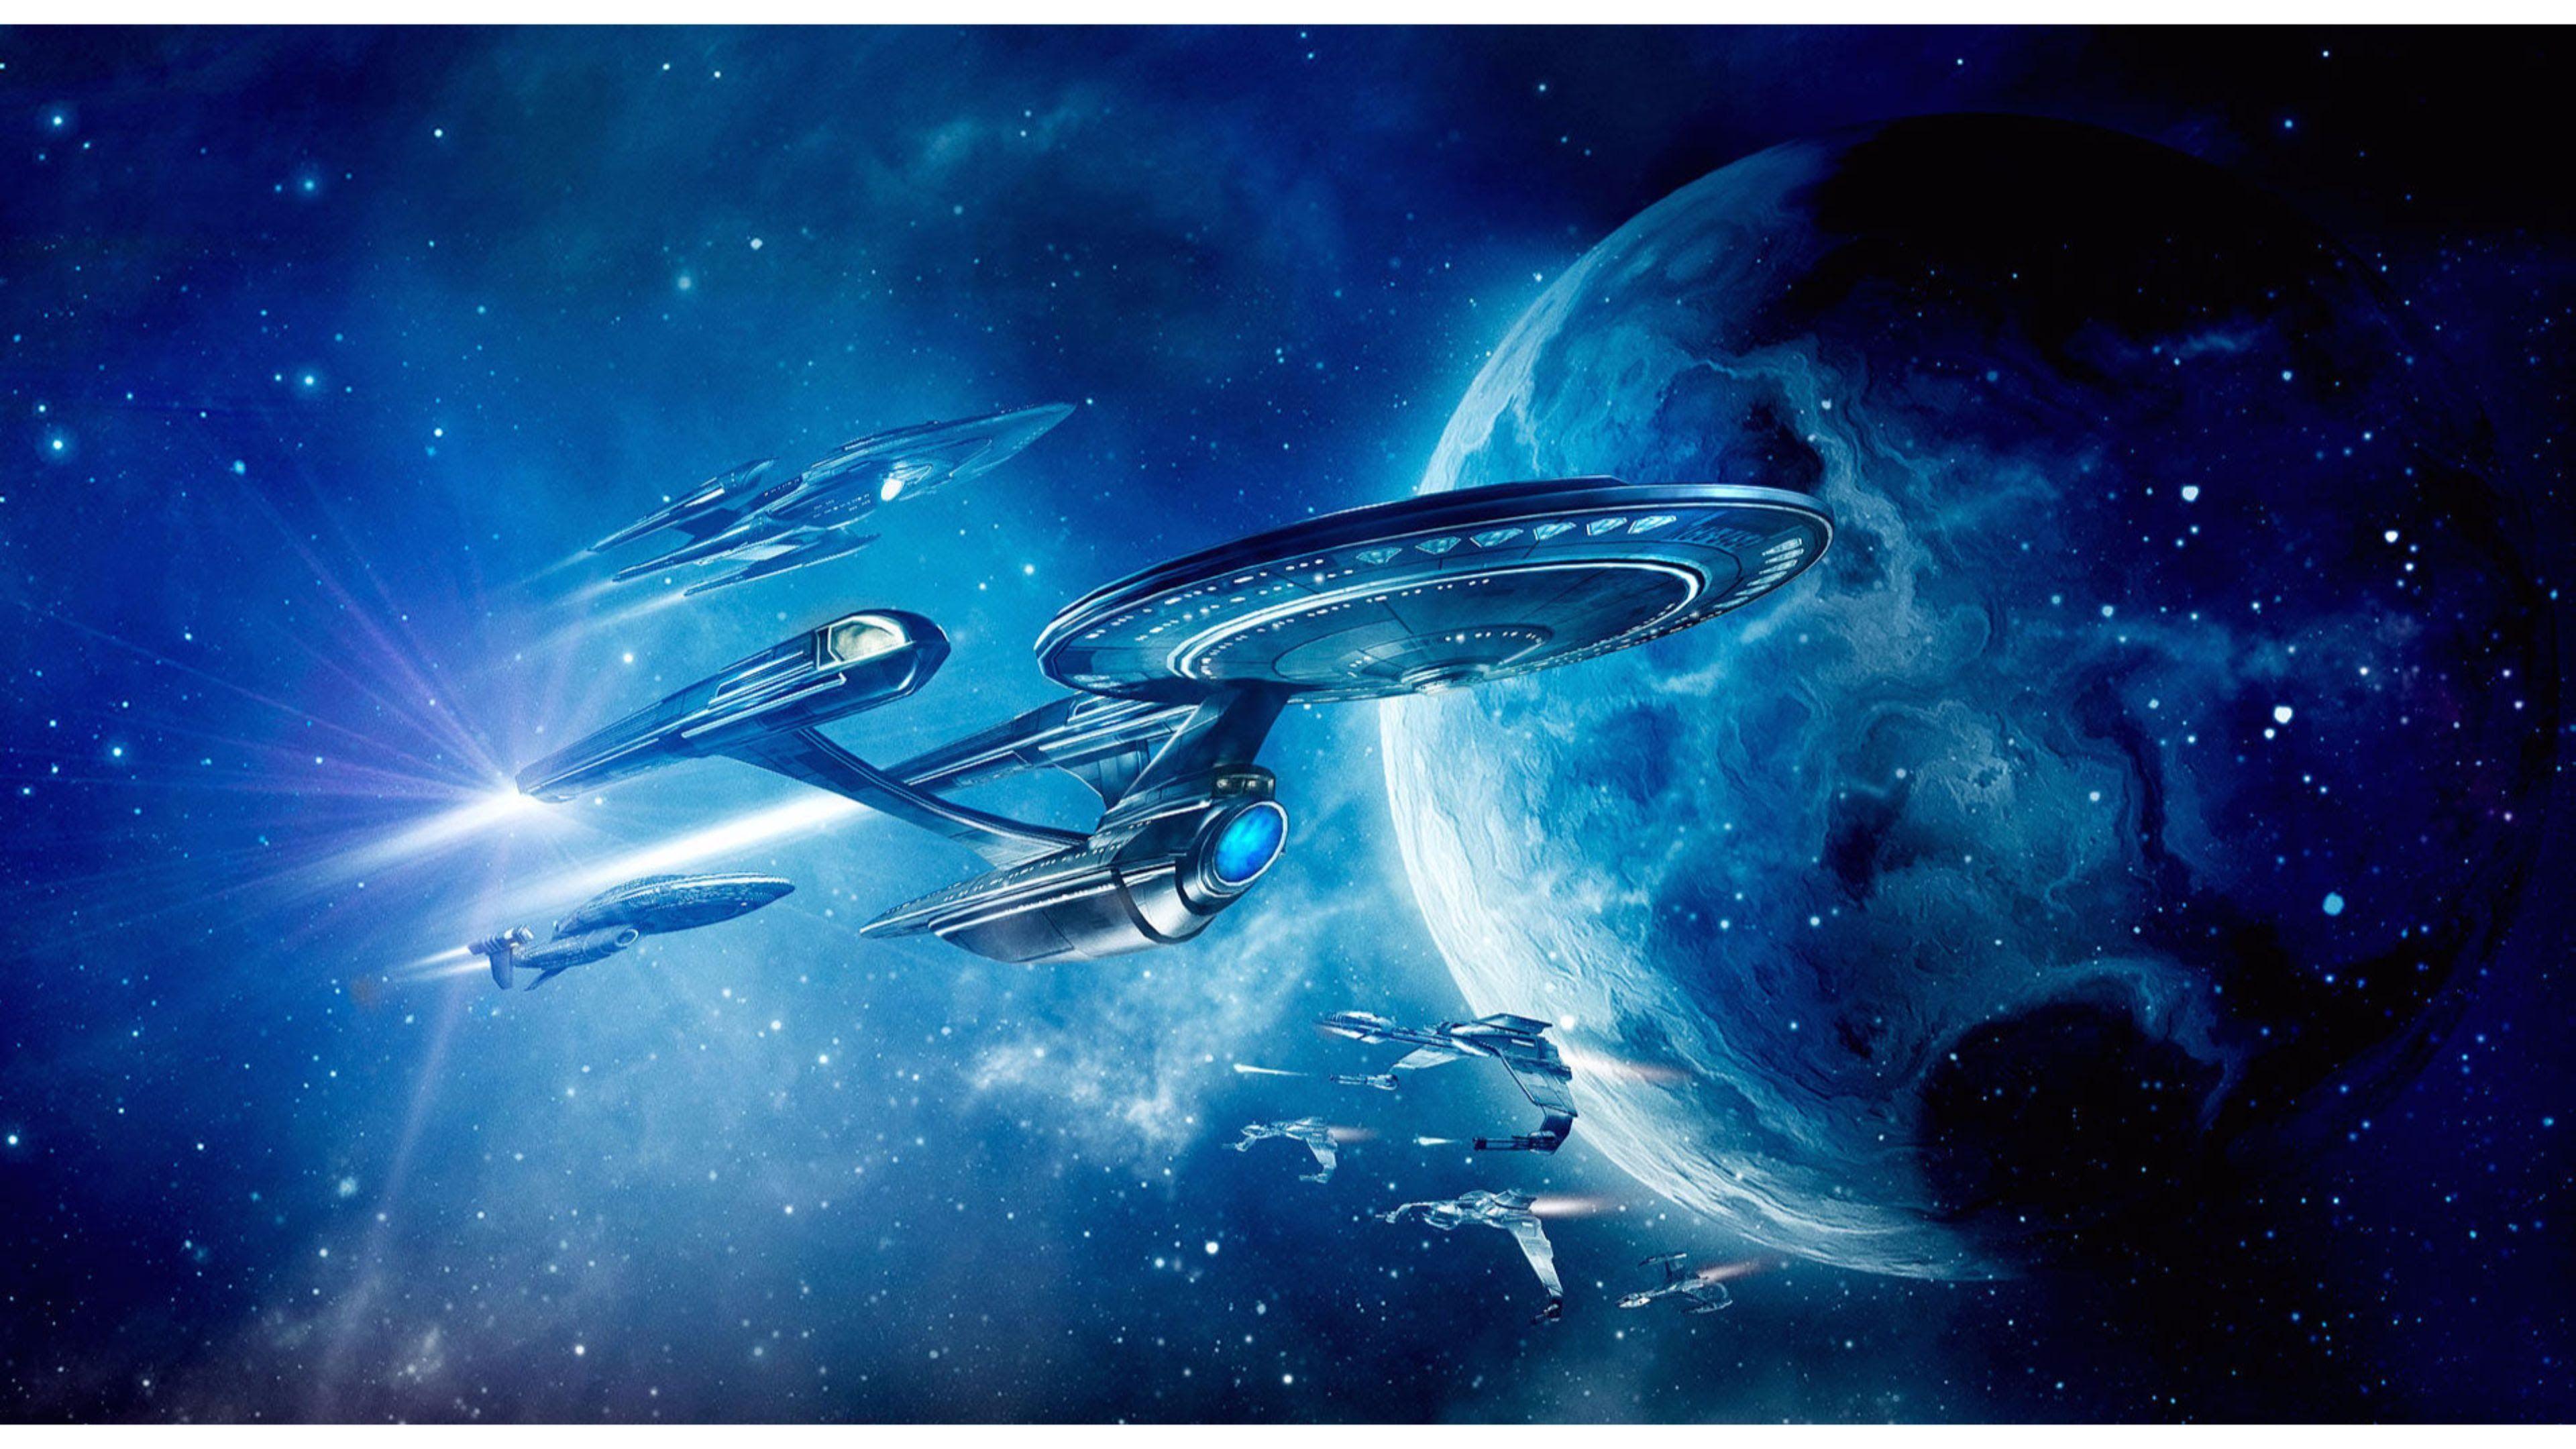 Star Trek Wallpaper HD Star trek wallpaper, Star trek